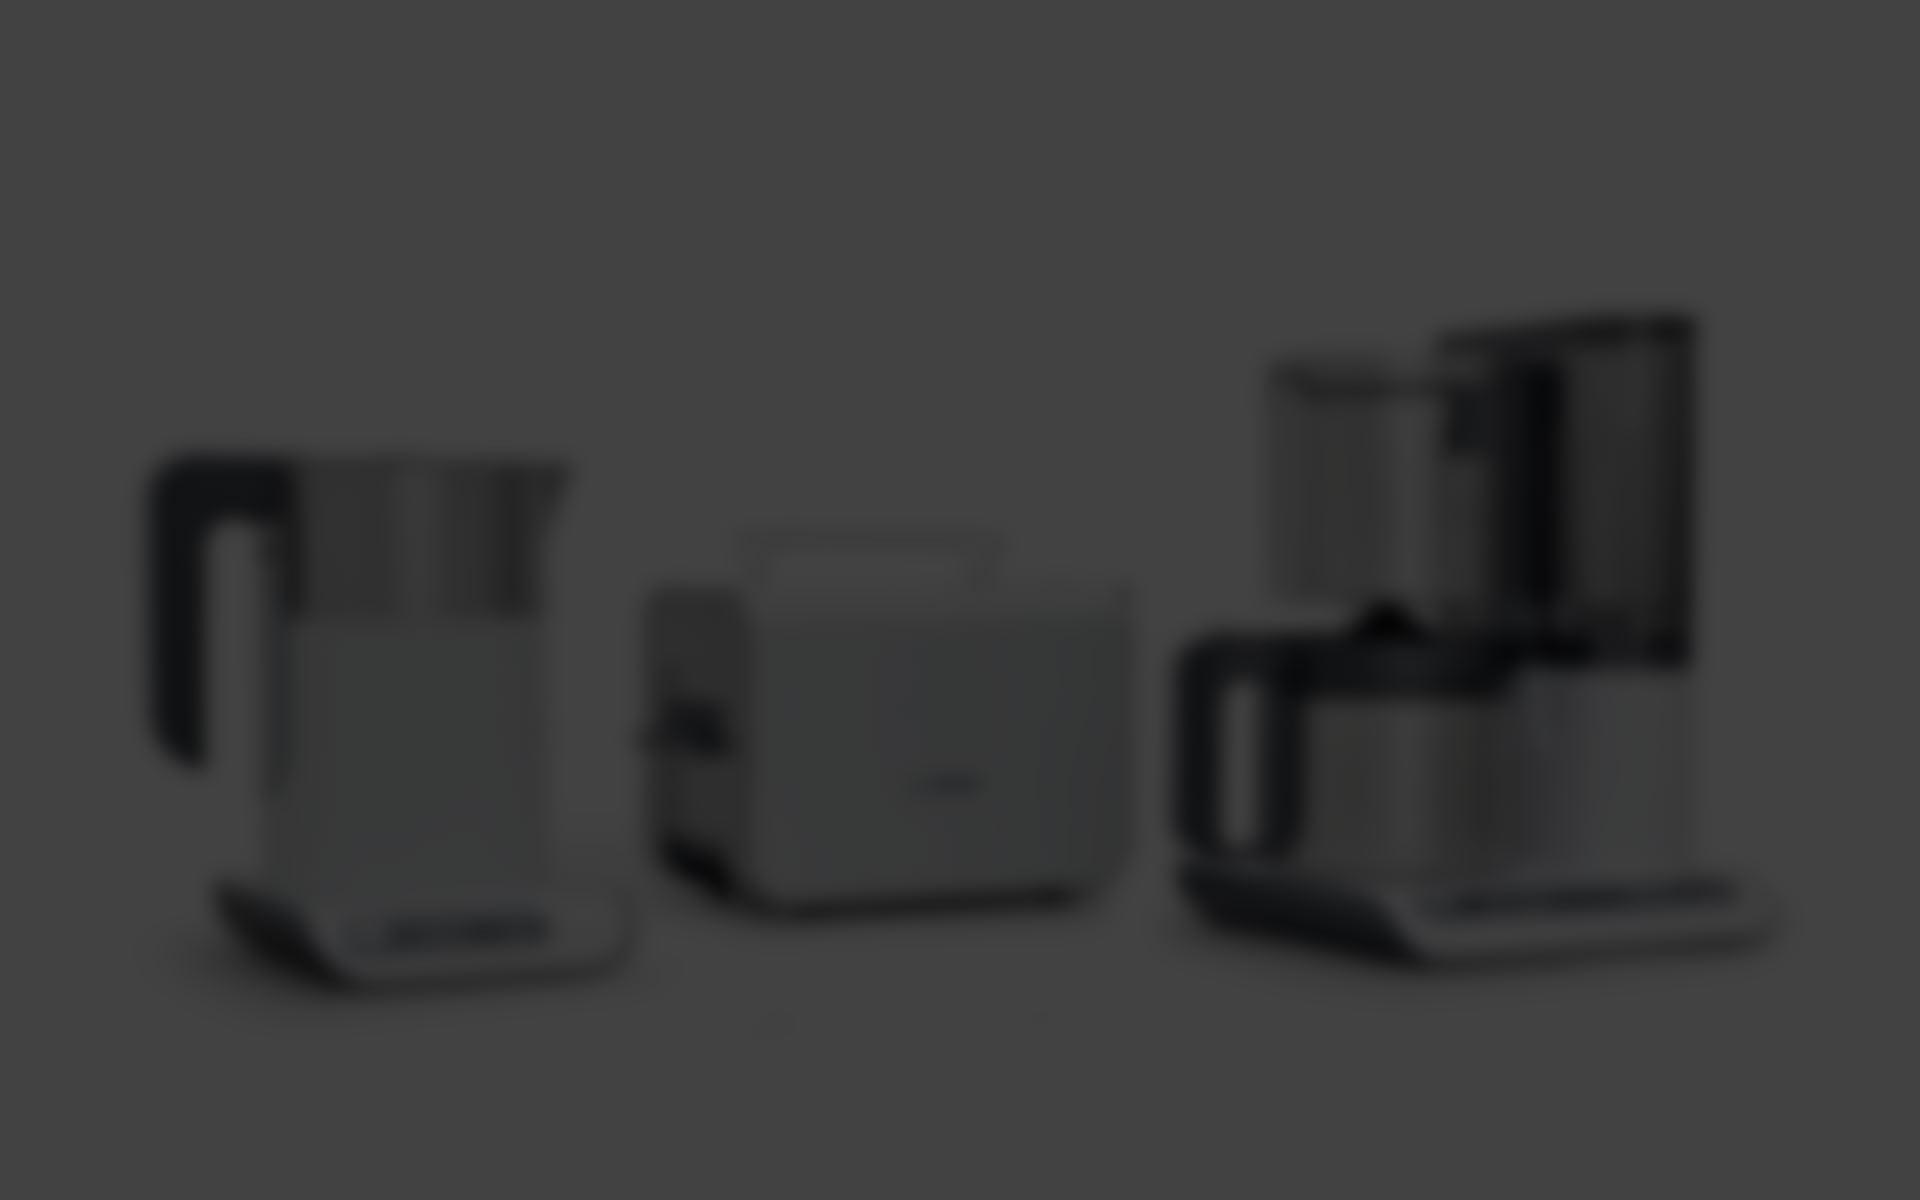 Produktdesign Kaffeemaschine für Bosch Siemens Hausgeräte